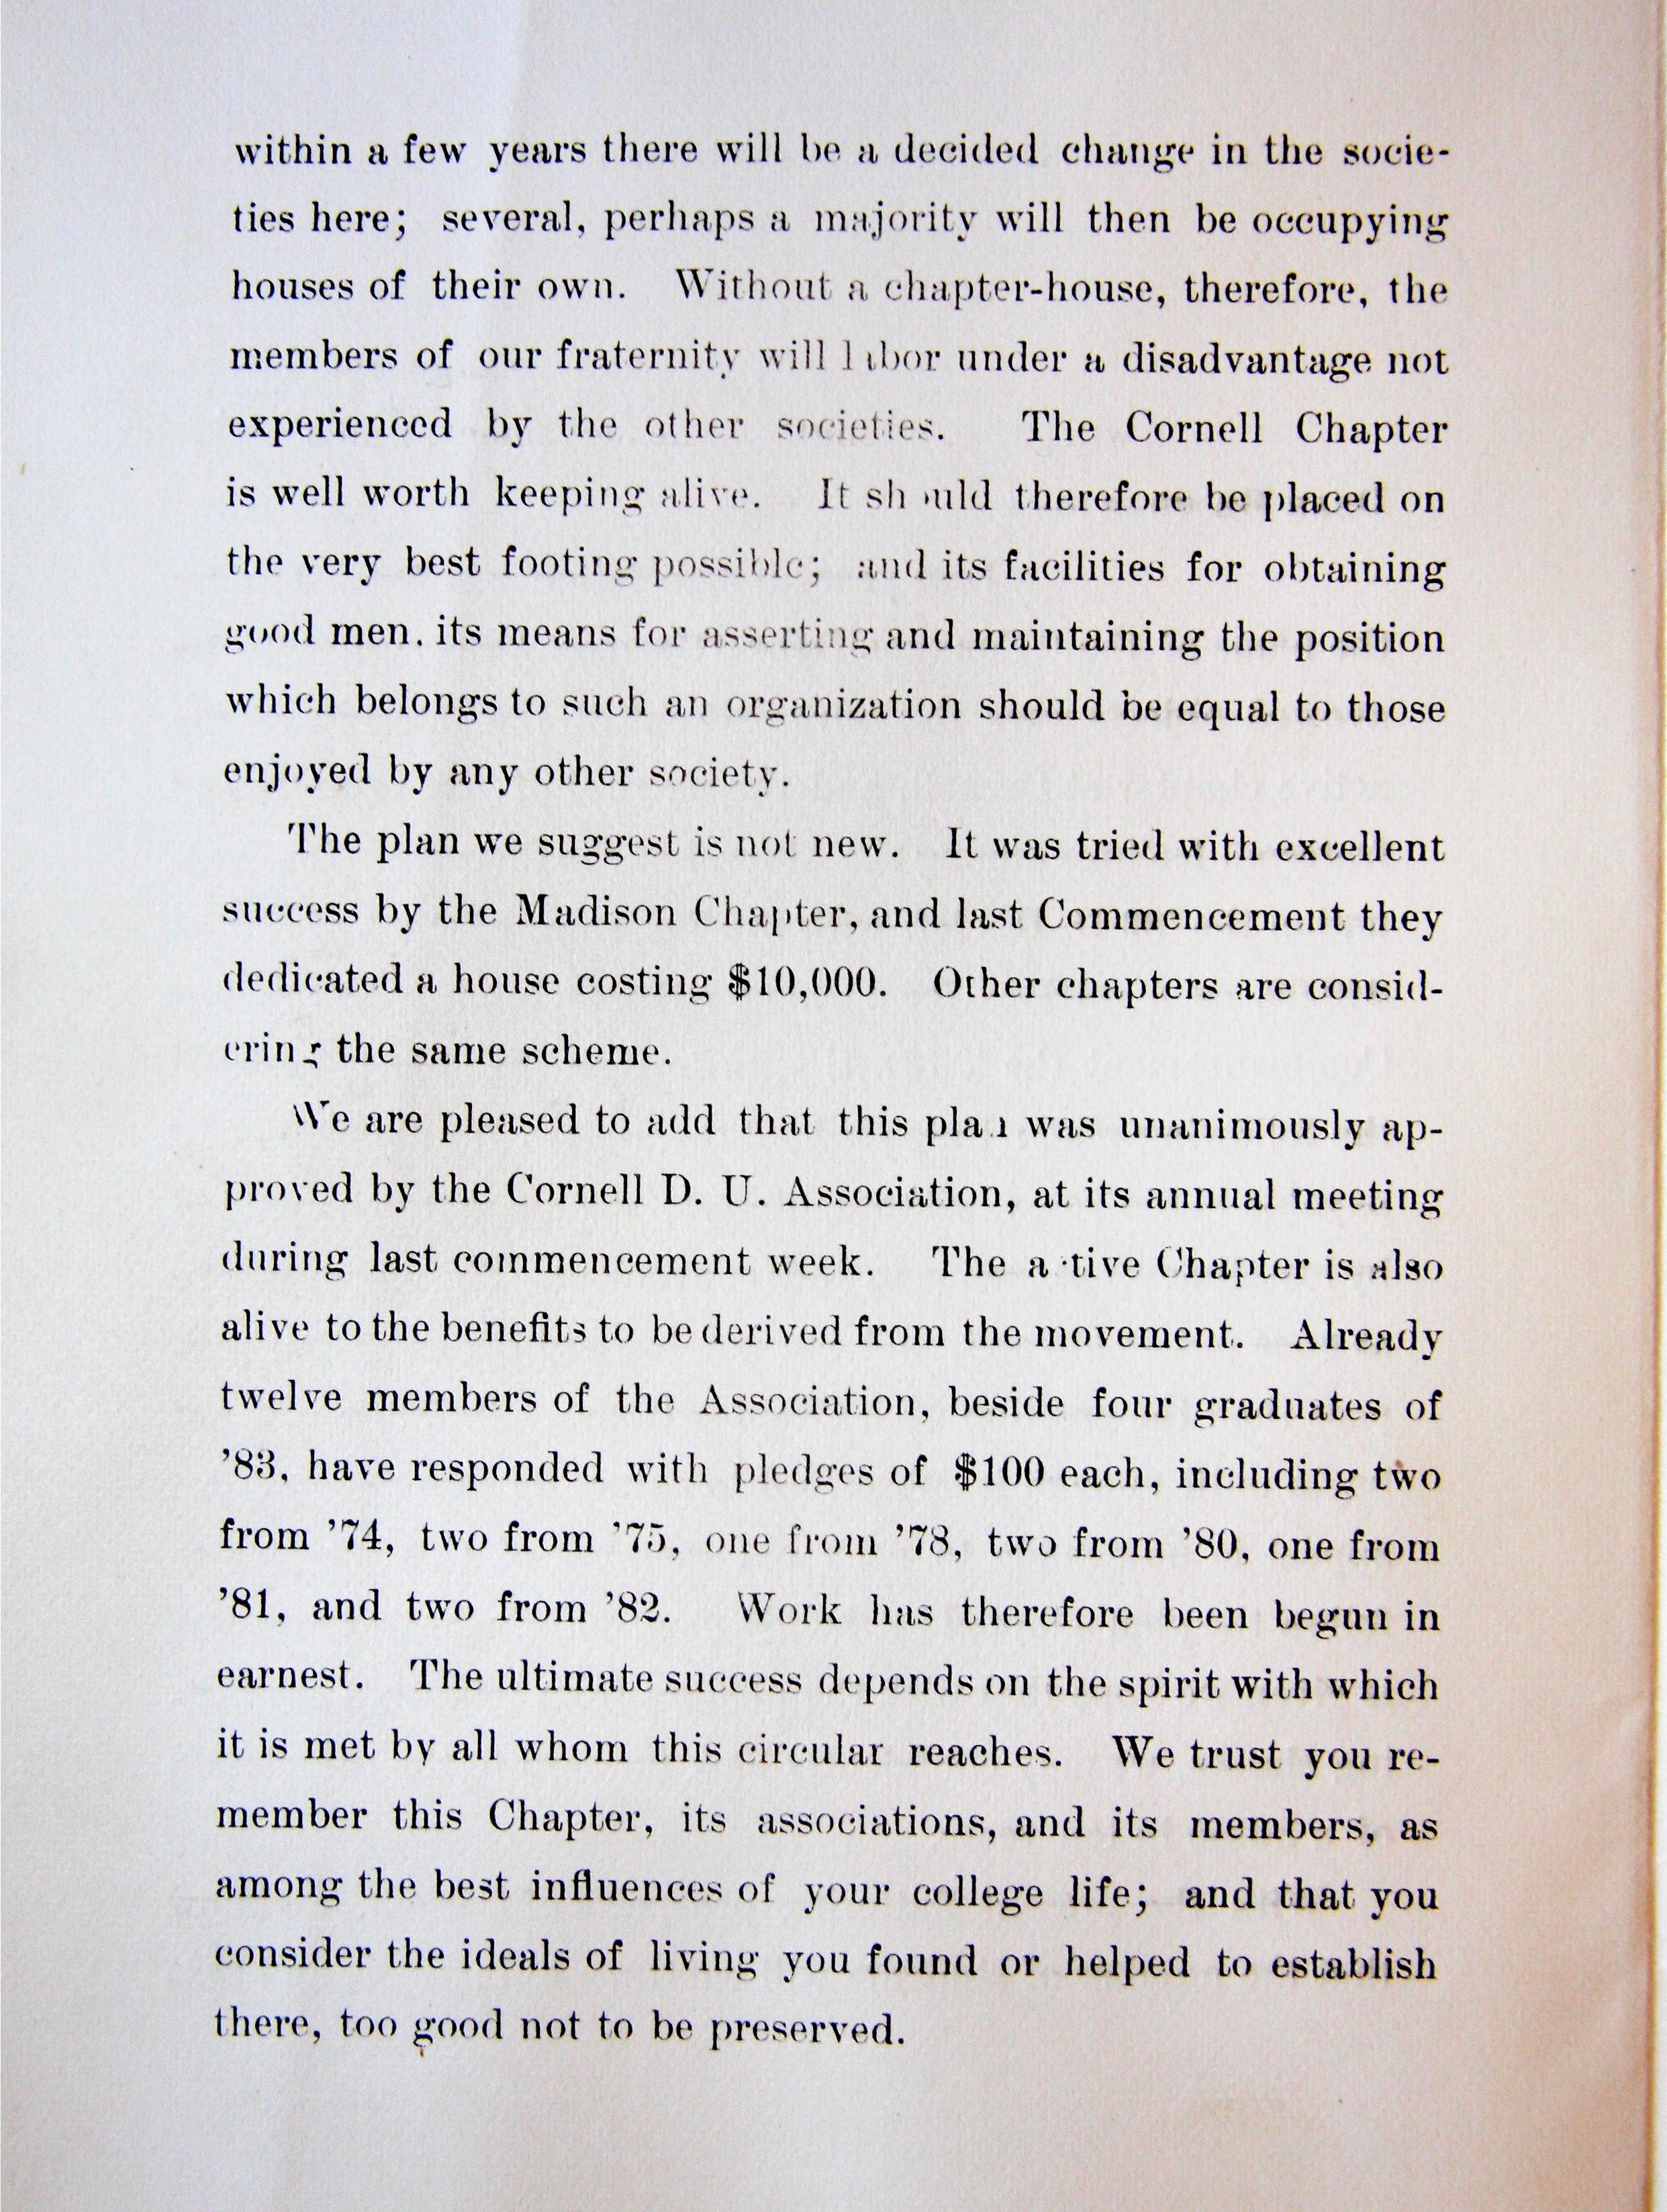 Circular, Page 2